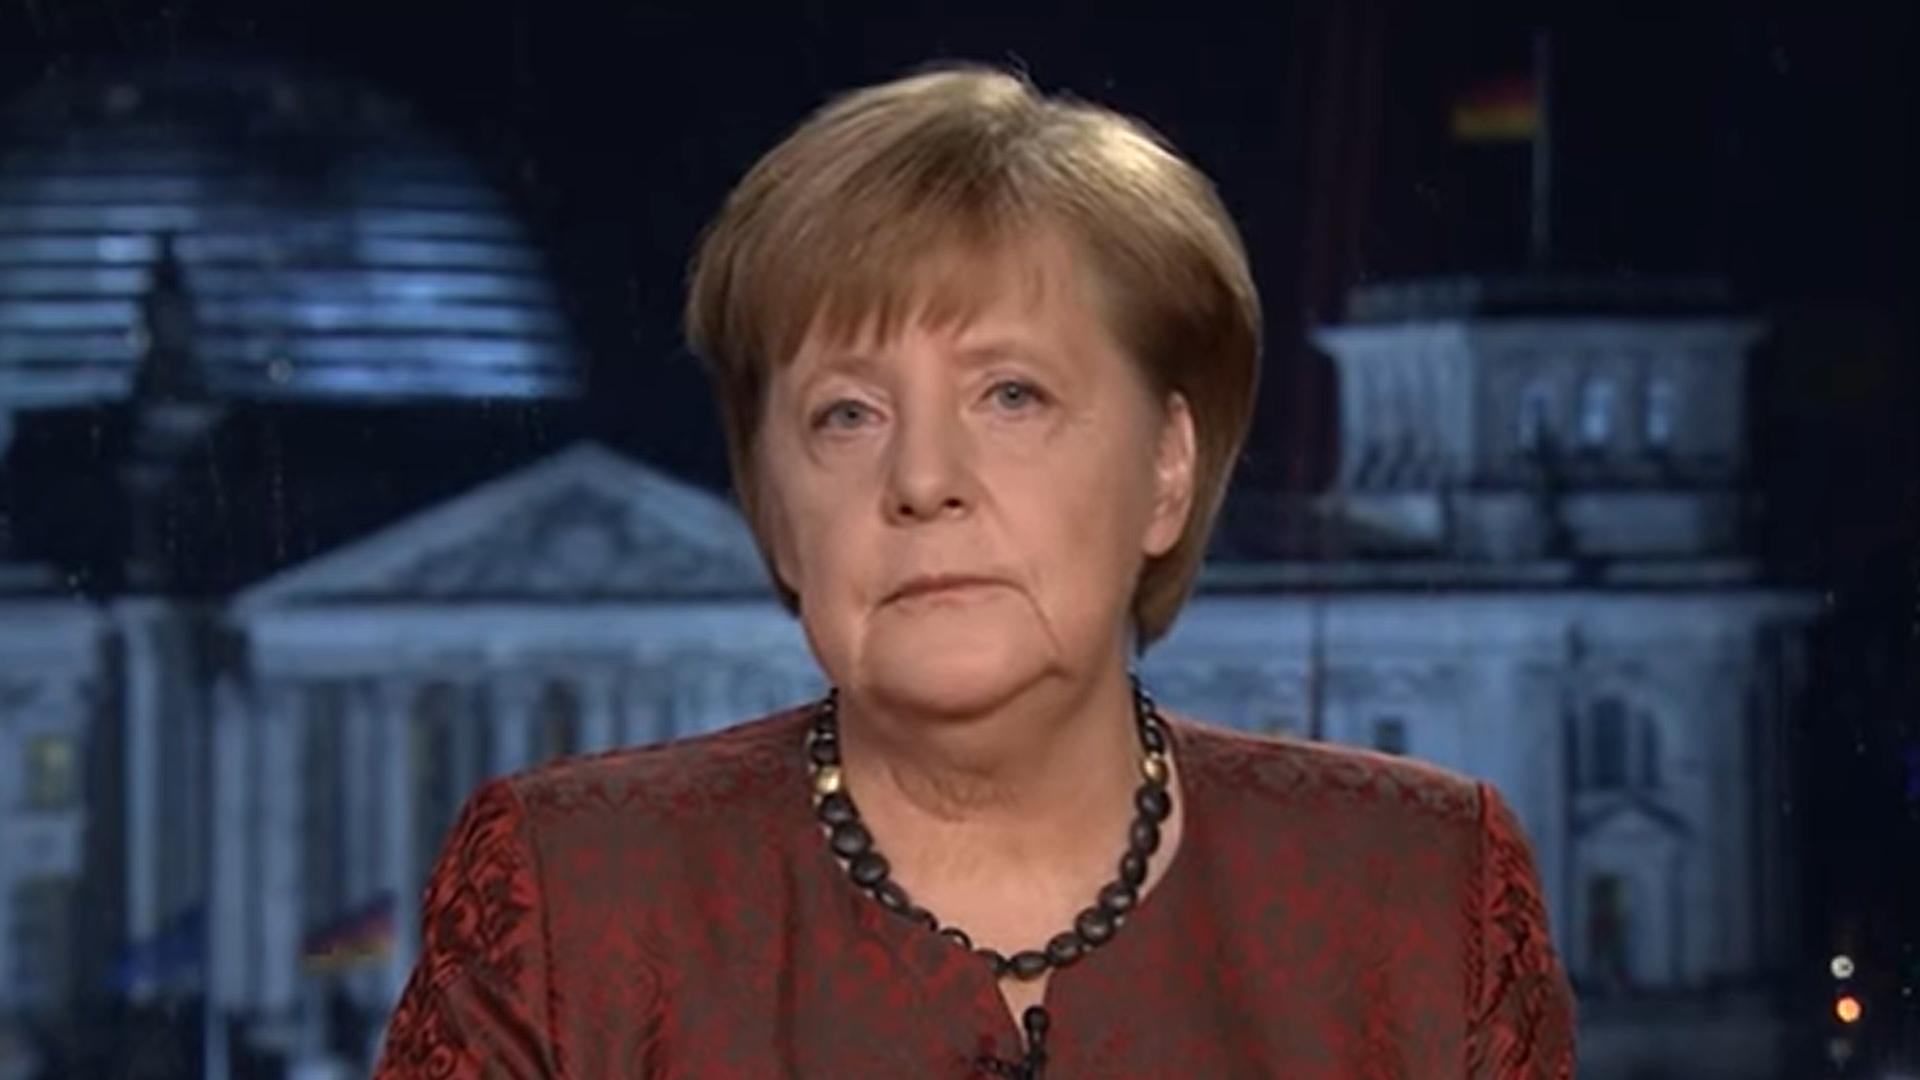 Offener Brief An Merkel Aus Siebenbürgen Sie Spalten Das Deutsche